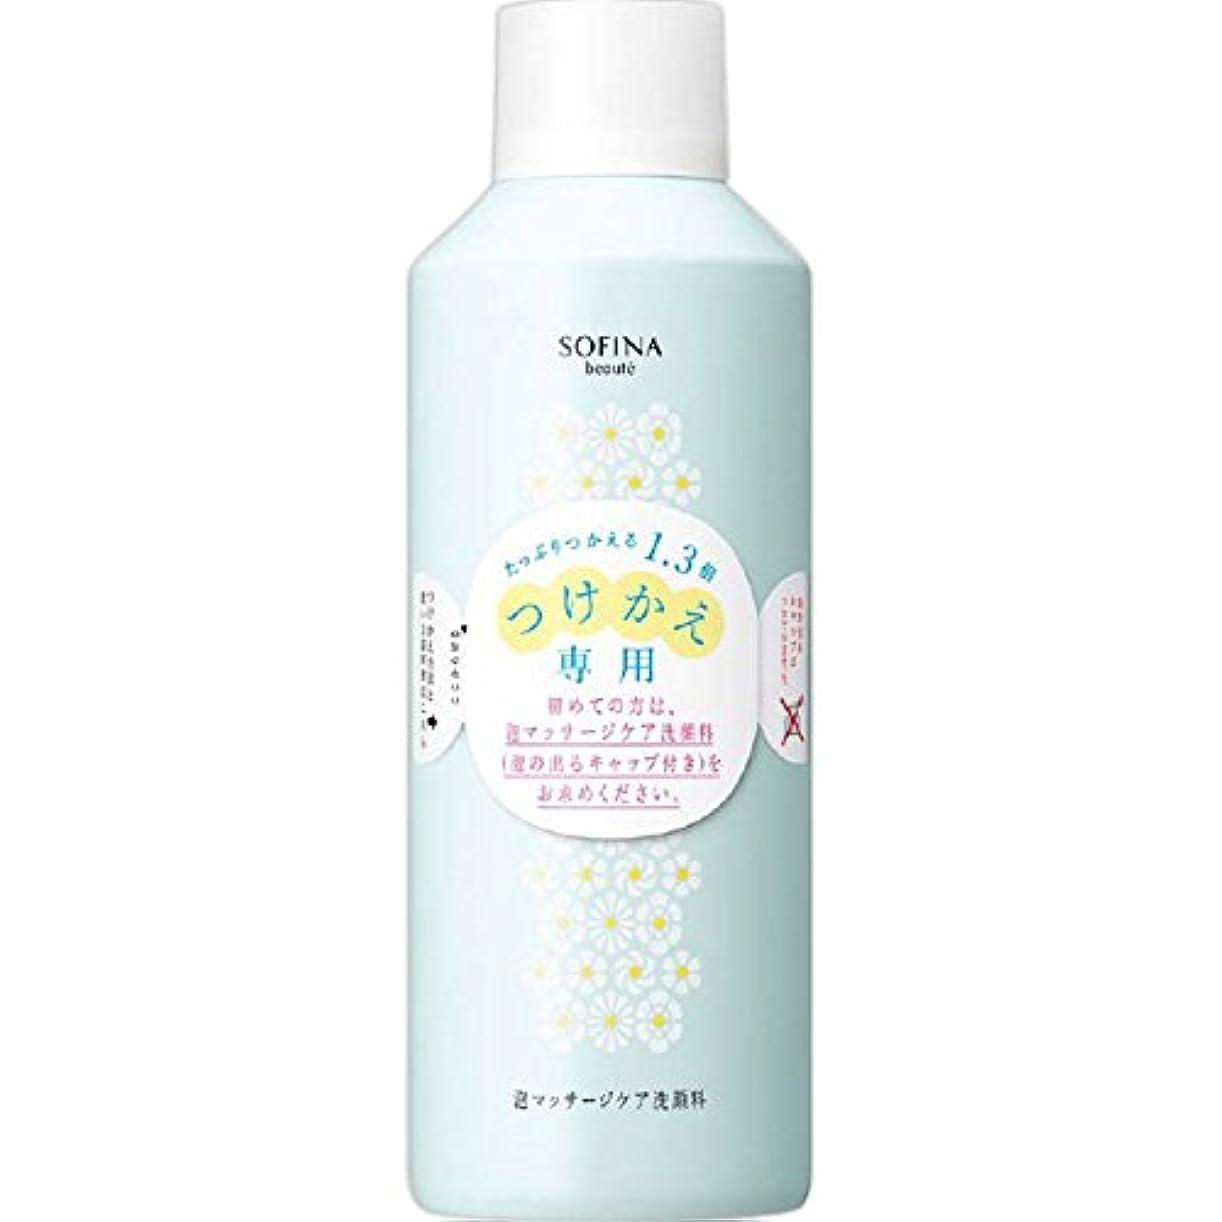 きょうだい潜む簡単に花王ソフィーナ ボーテ 泡マッサージケア洗顔料 つけかえ専用230g